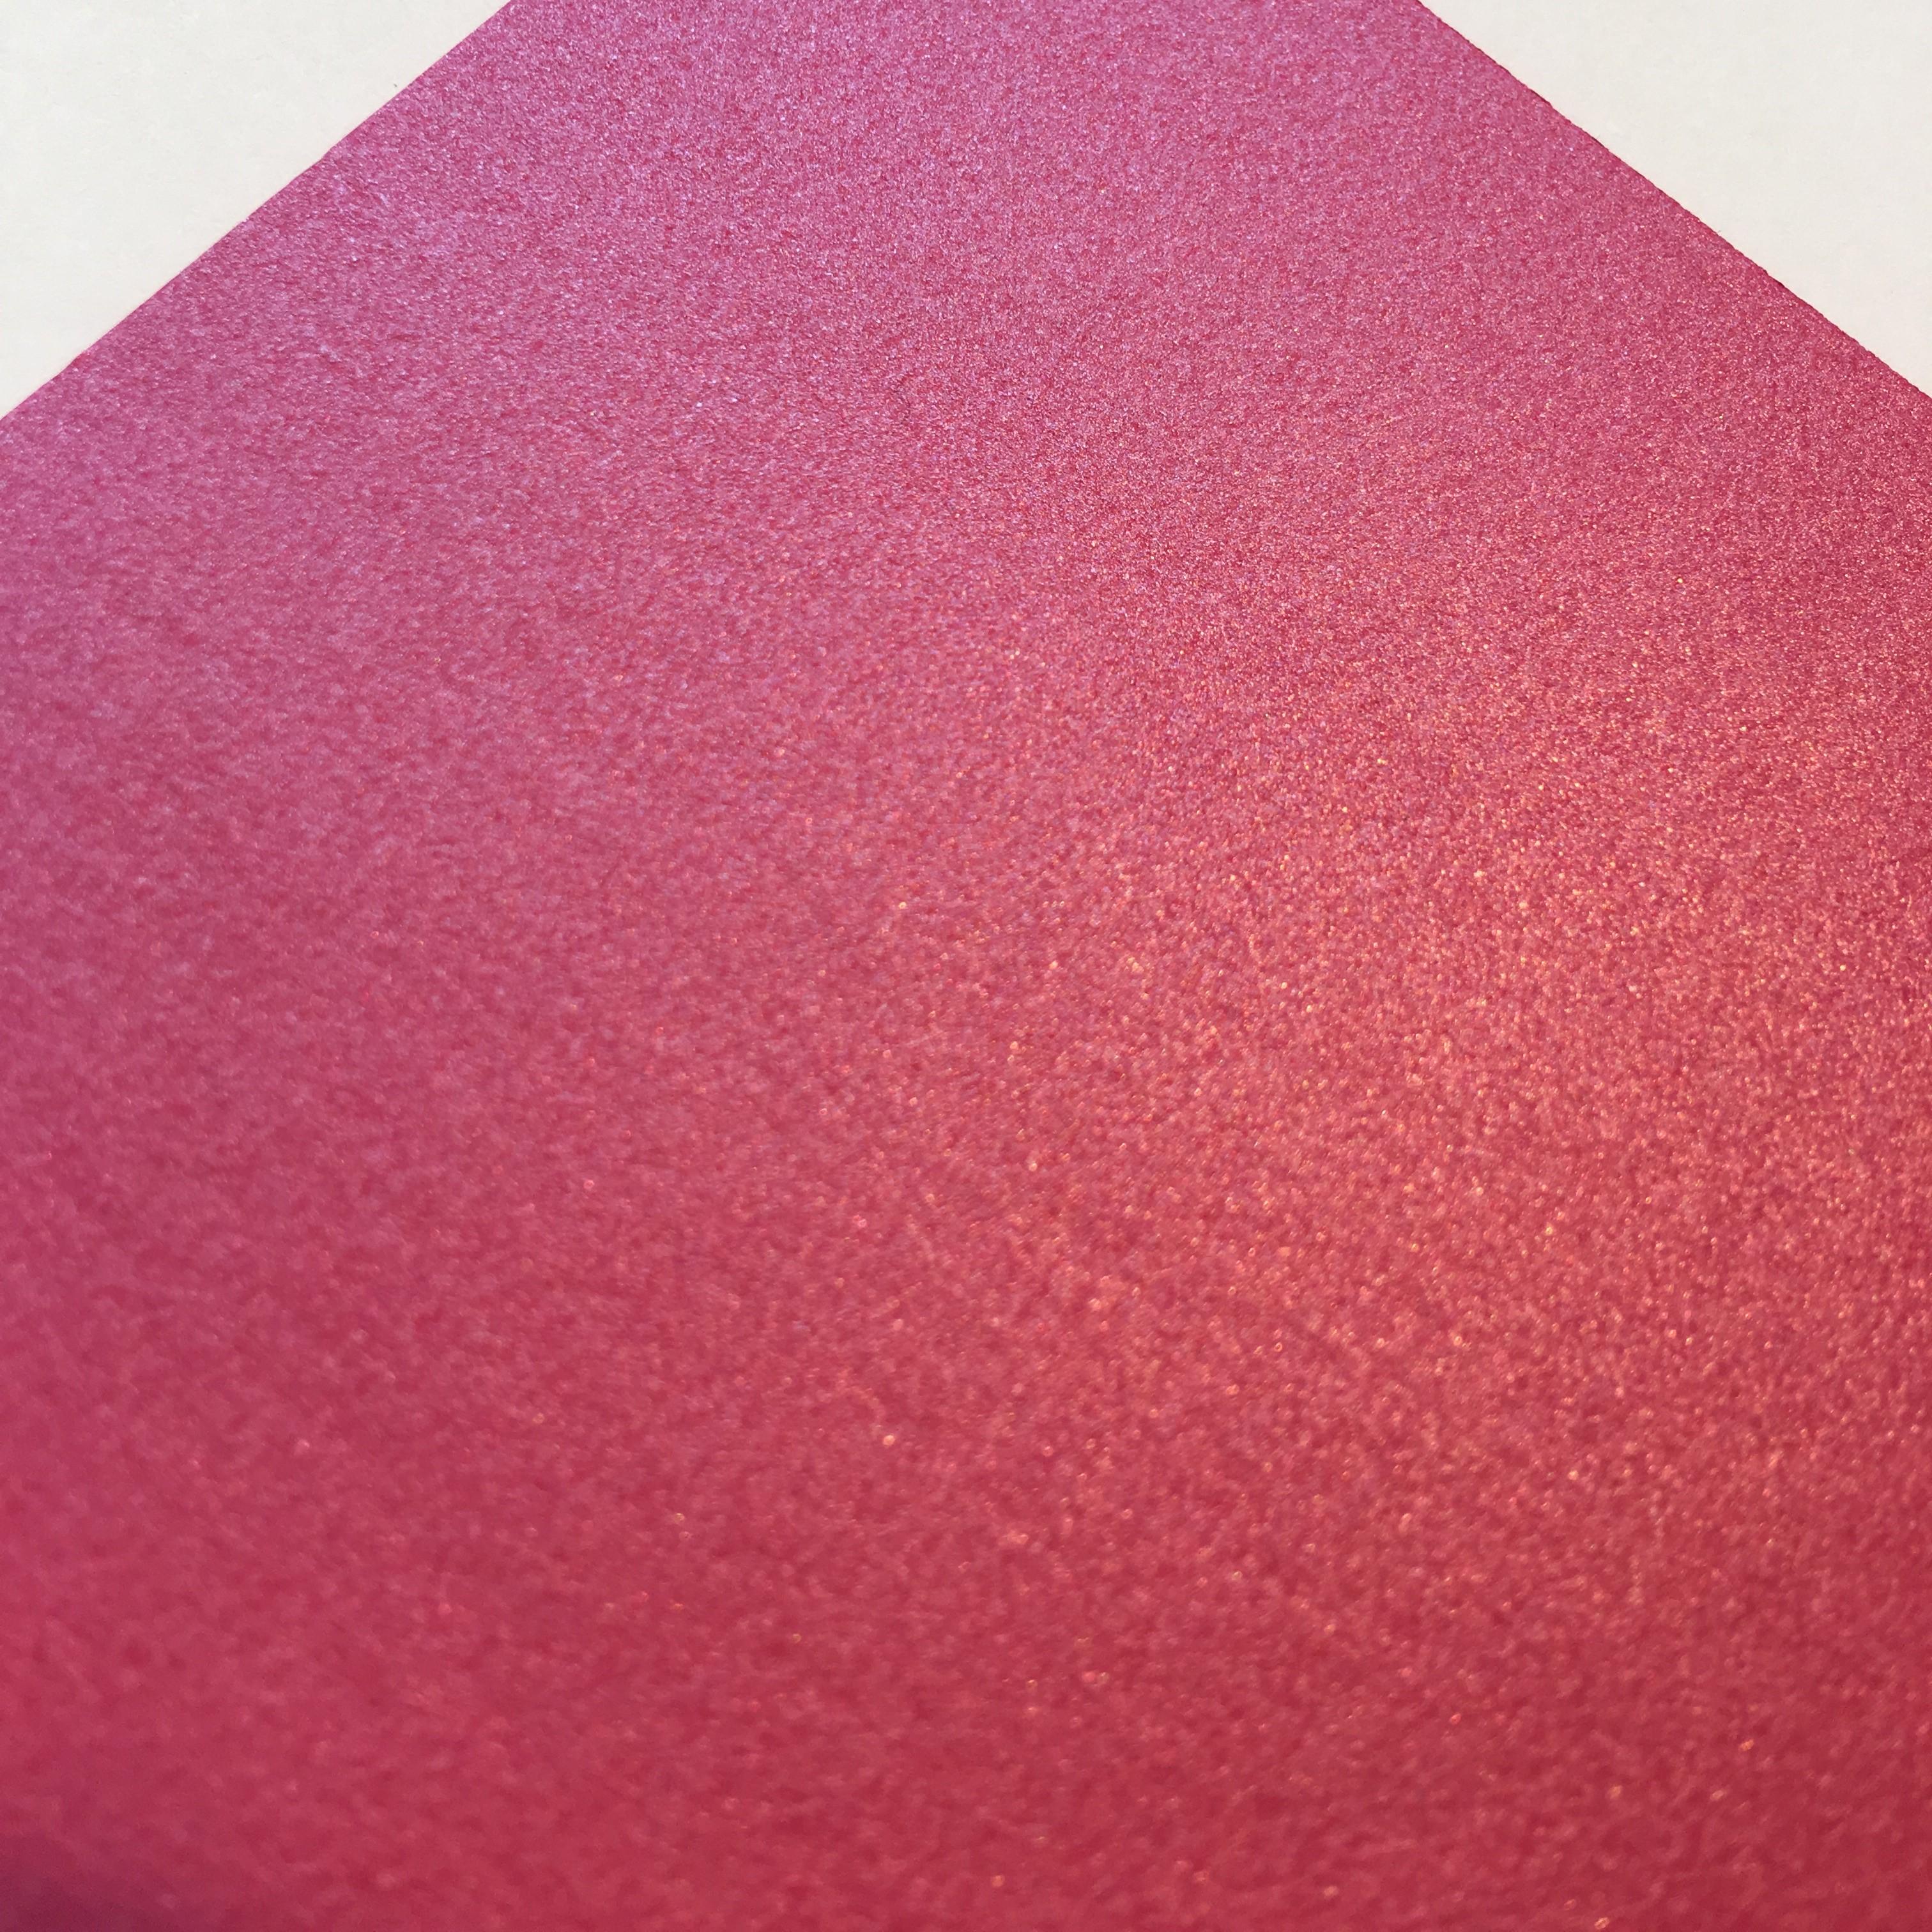 Бумага Stardream azalea металлизированный, 120г/м2, 30x30